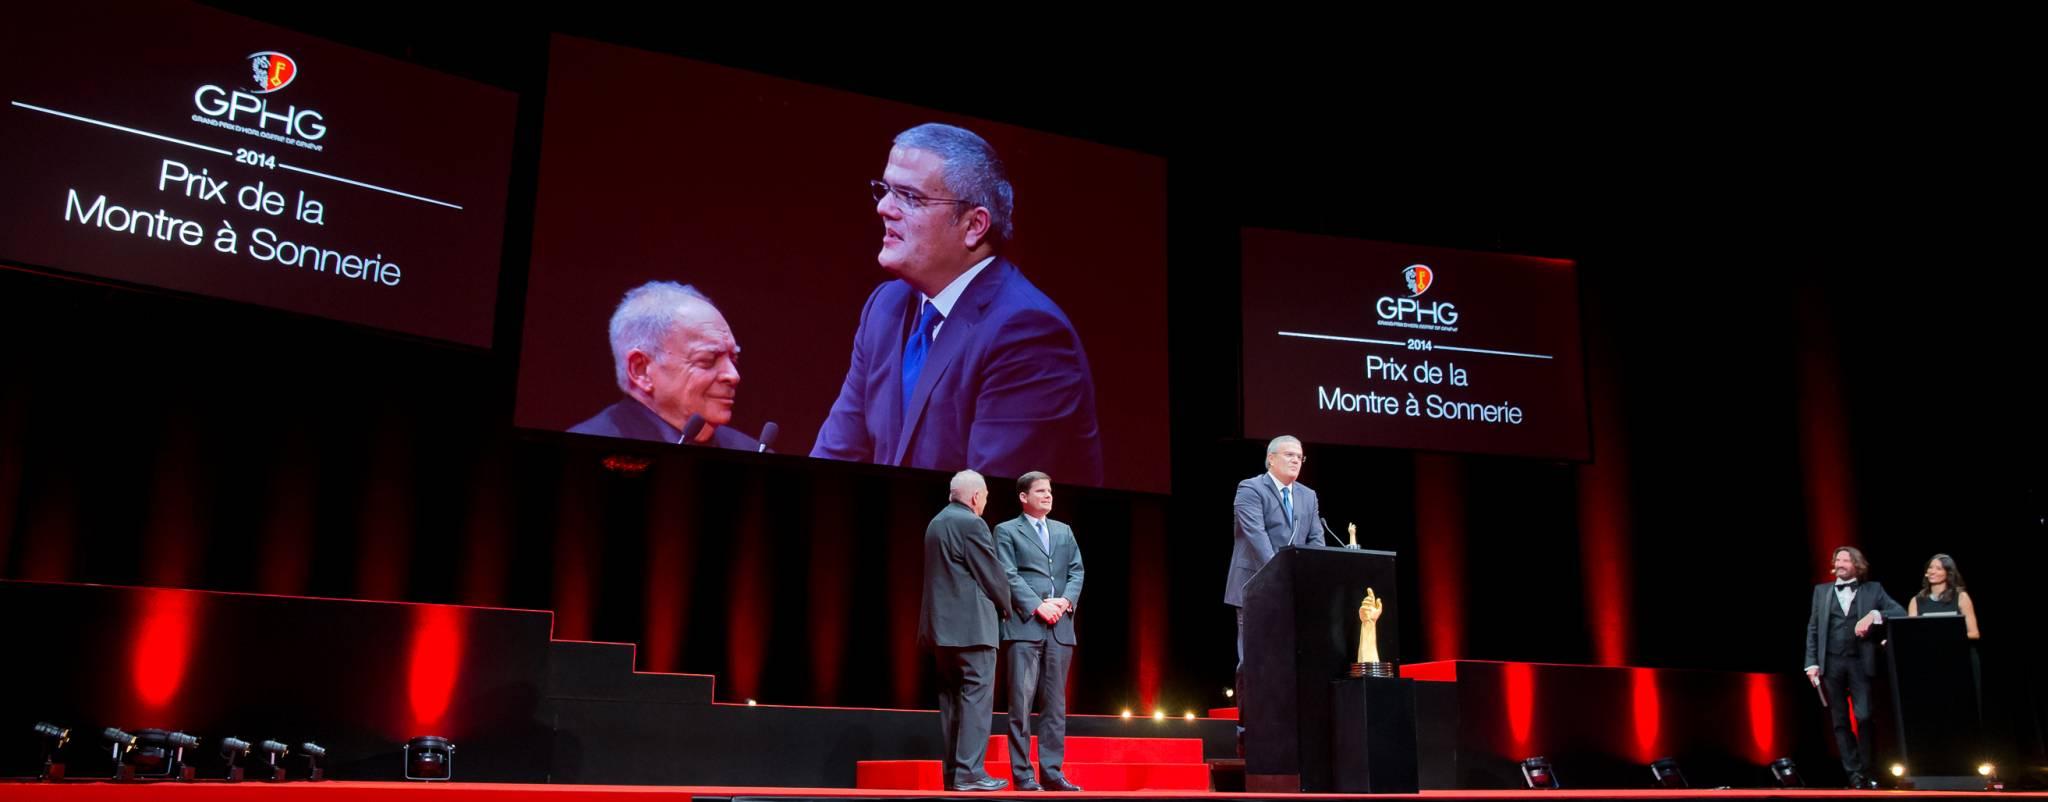 Ricardo Guadalupe (CEO de Hublot, marque lauréate du Prix de la Montre à Sonnerie 2014)